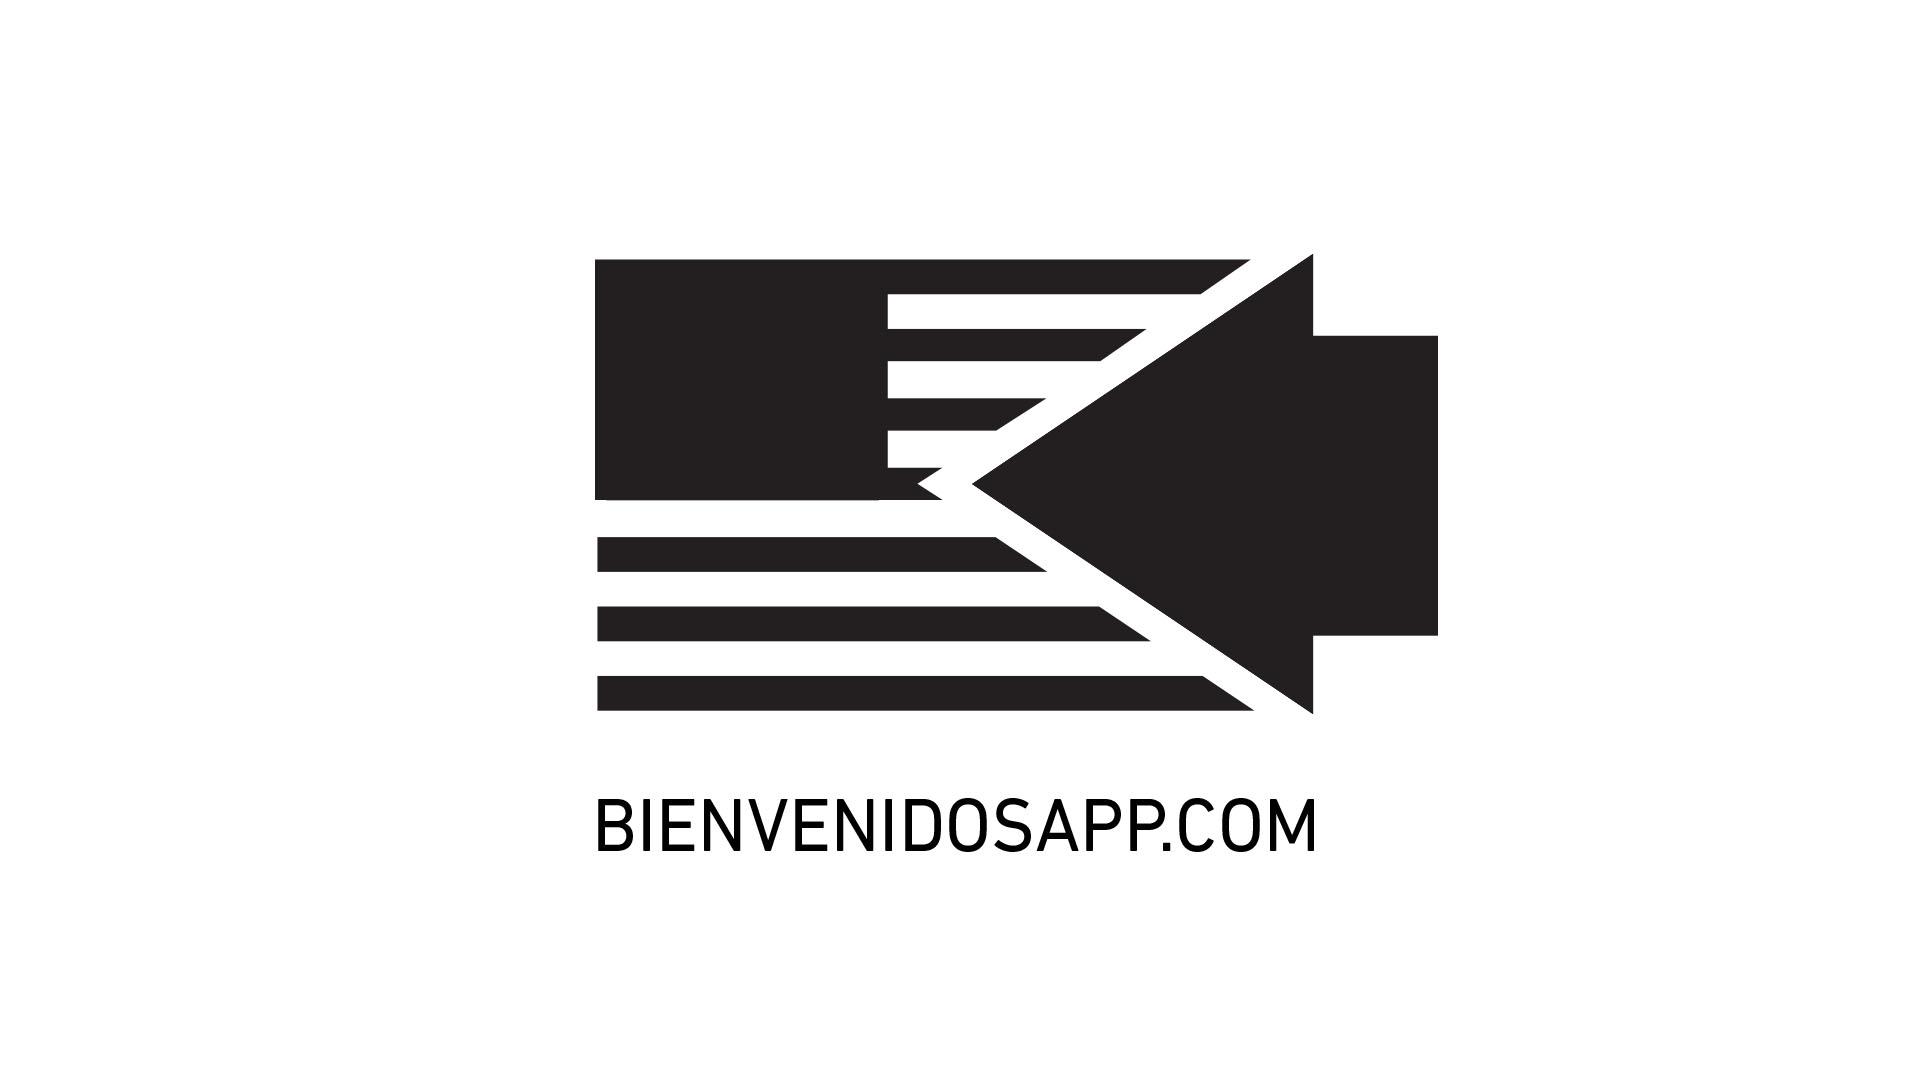 BIENVENIDOS.jpg